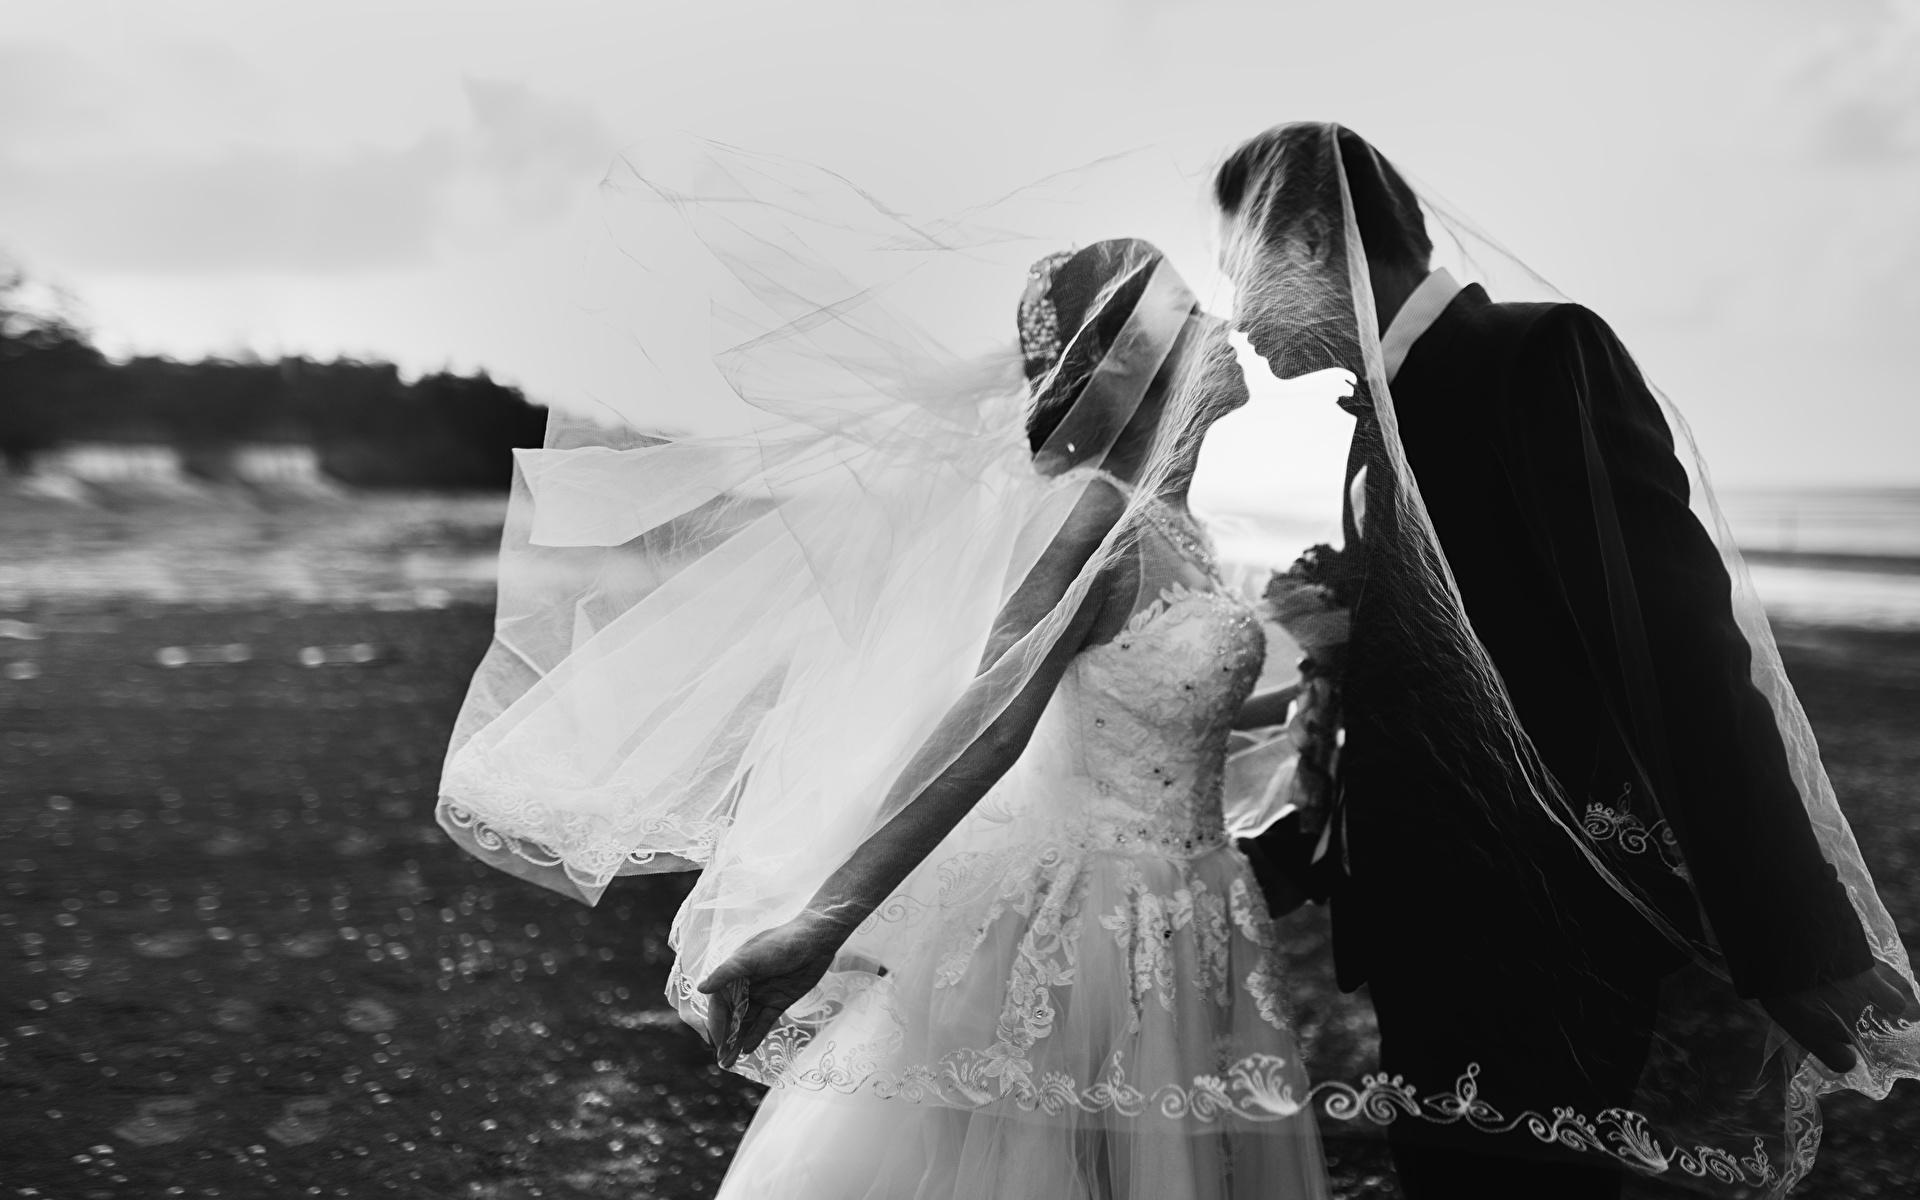 Фото Жених Невеста Свадьба Мужчины Поцелуй Любовь вдвоем Девушки Черно белое 1920x1200 2 Двое